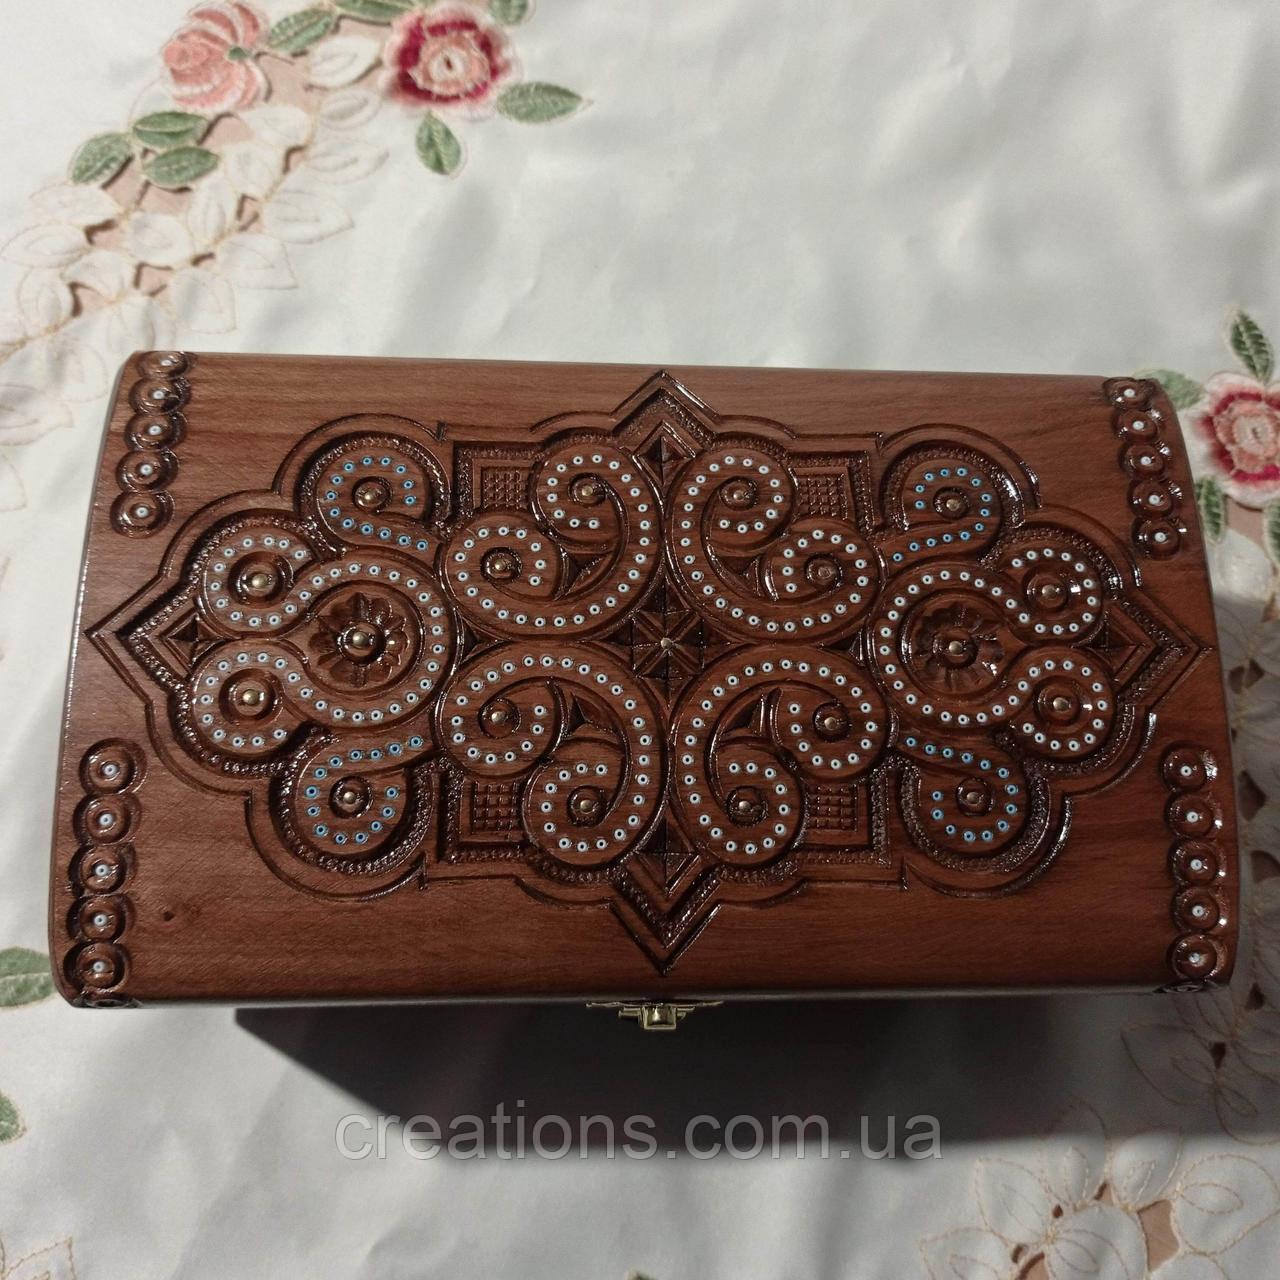 Резная деревянная шкатулка 24х14х12 см. для украшений из дерева, ручная работа